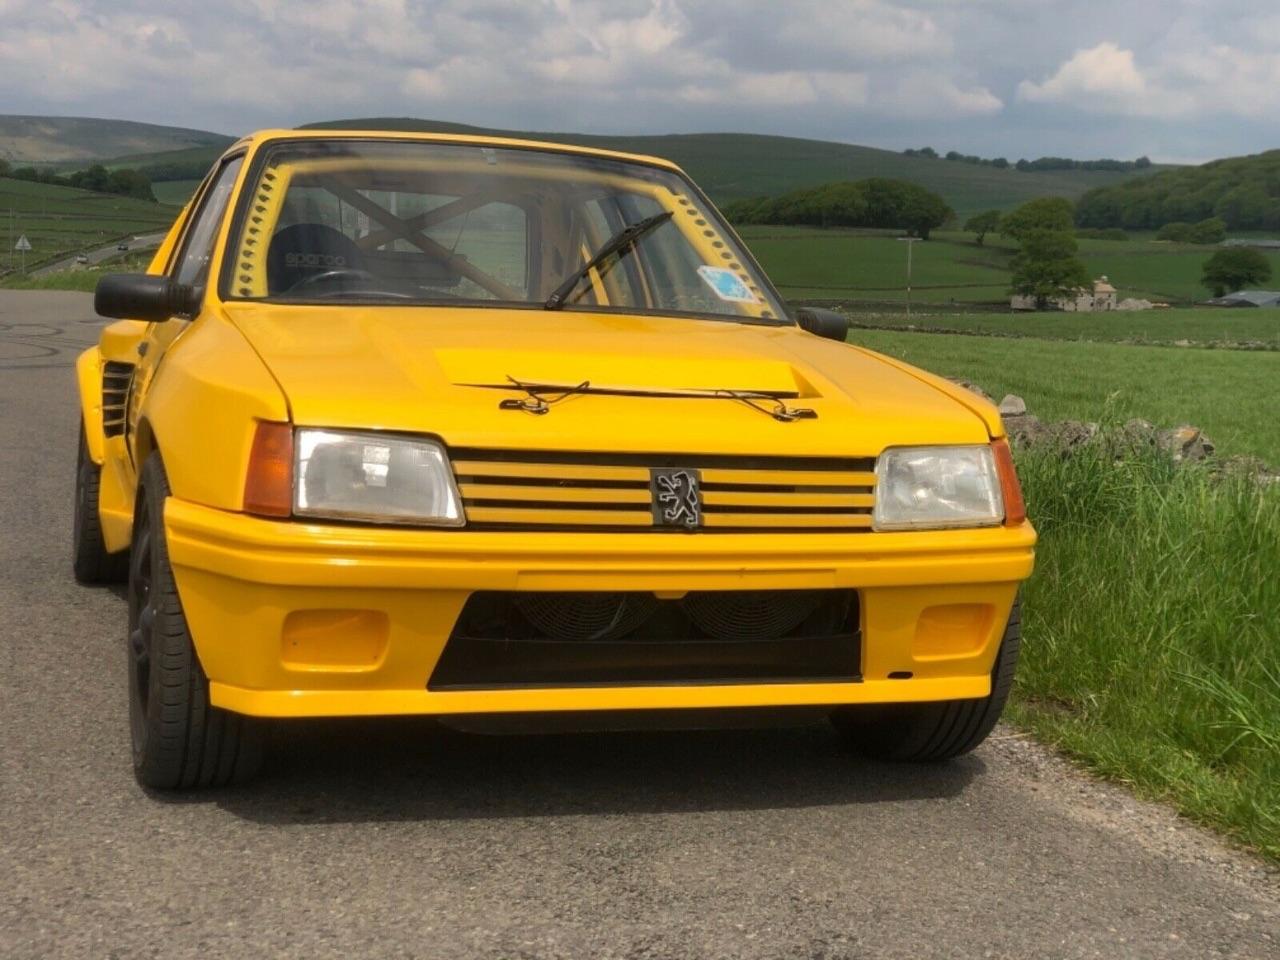 Quand tu transformes ton Porsche Boxster 2,7 en Peugeot 205 T16 ! 1